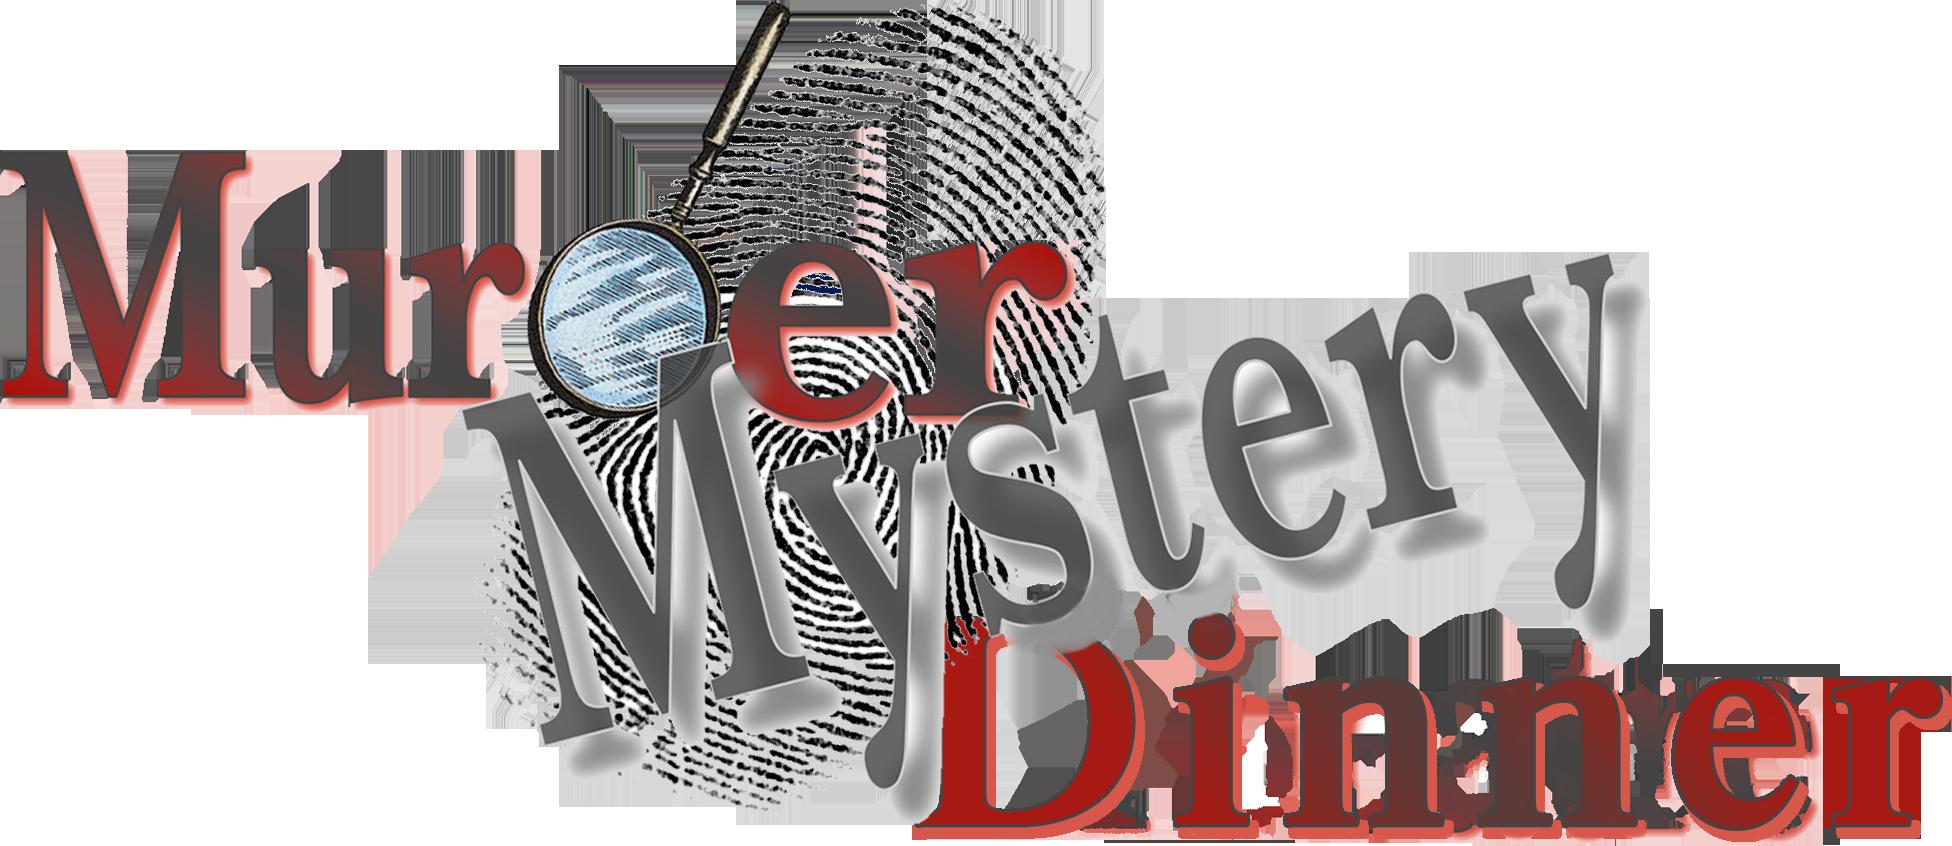 Dinner clipart dinner word. Murder mystery at hotel